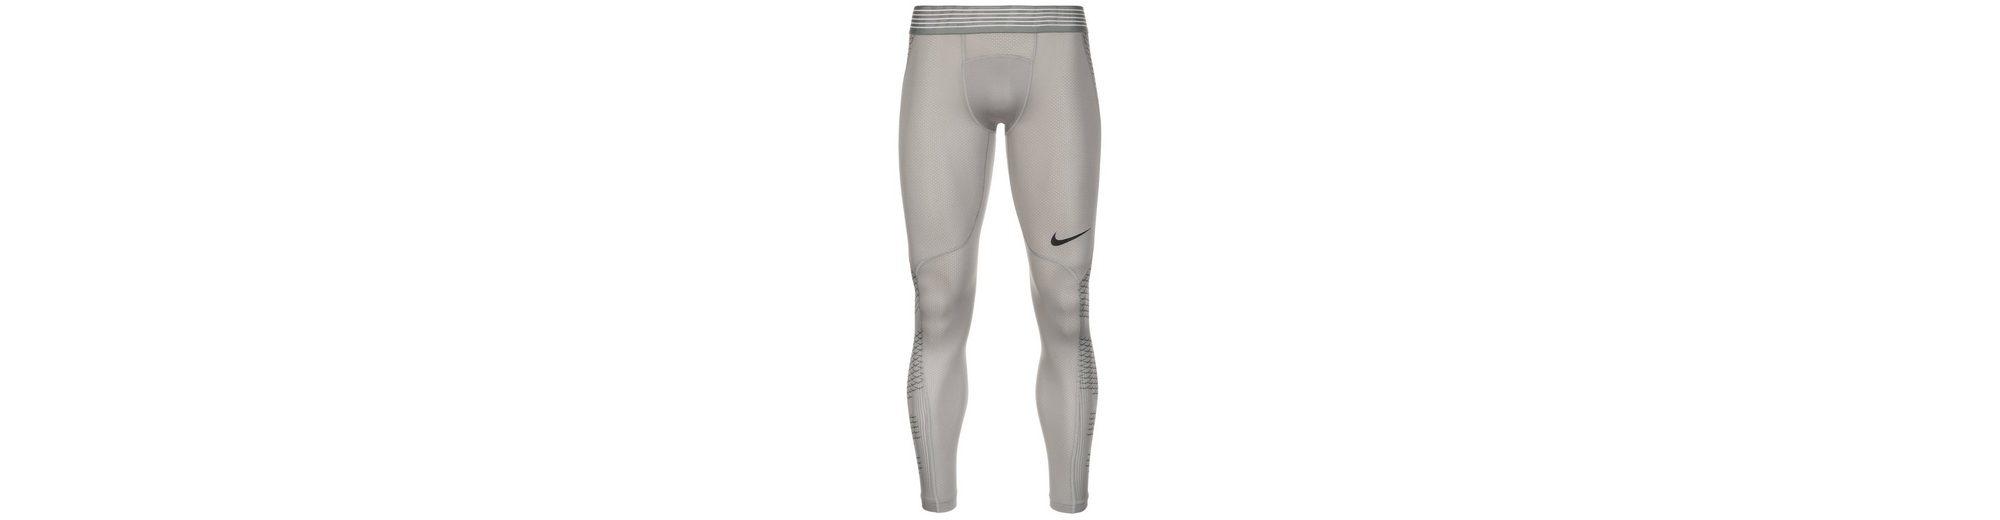 Visa-Zahlung Online Großer Verkauf Günstiger Preis Nike Pro Hypercool Trainingstight Herren Spielraum Beliebt Verkauf Mit Kreditkarte cR59rwjXg7